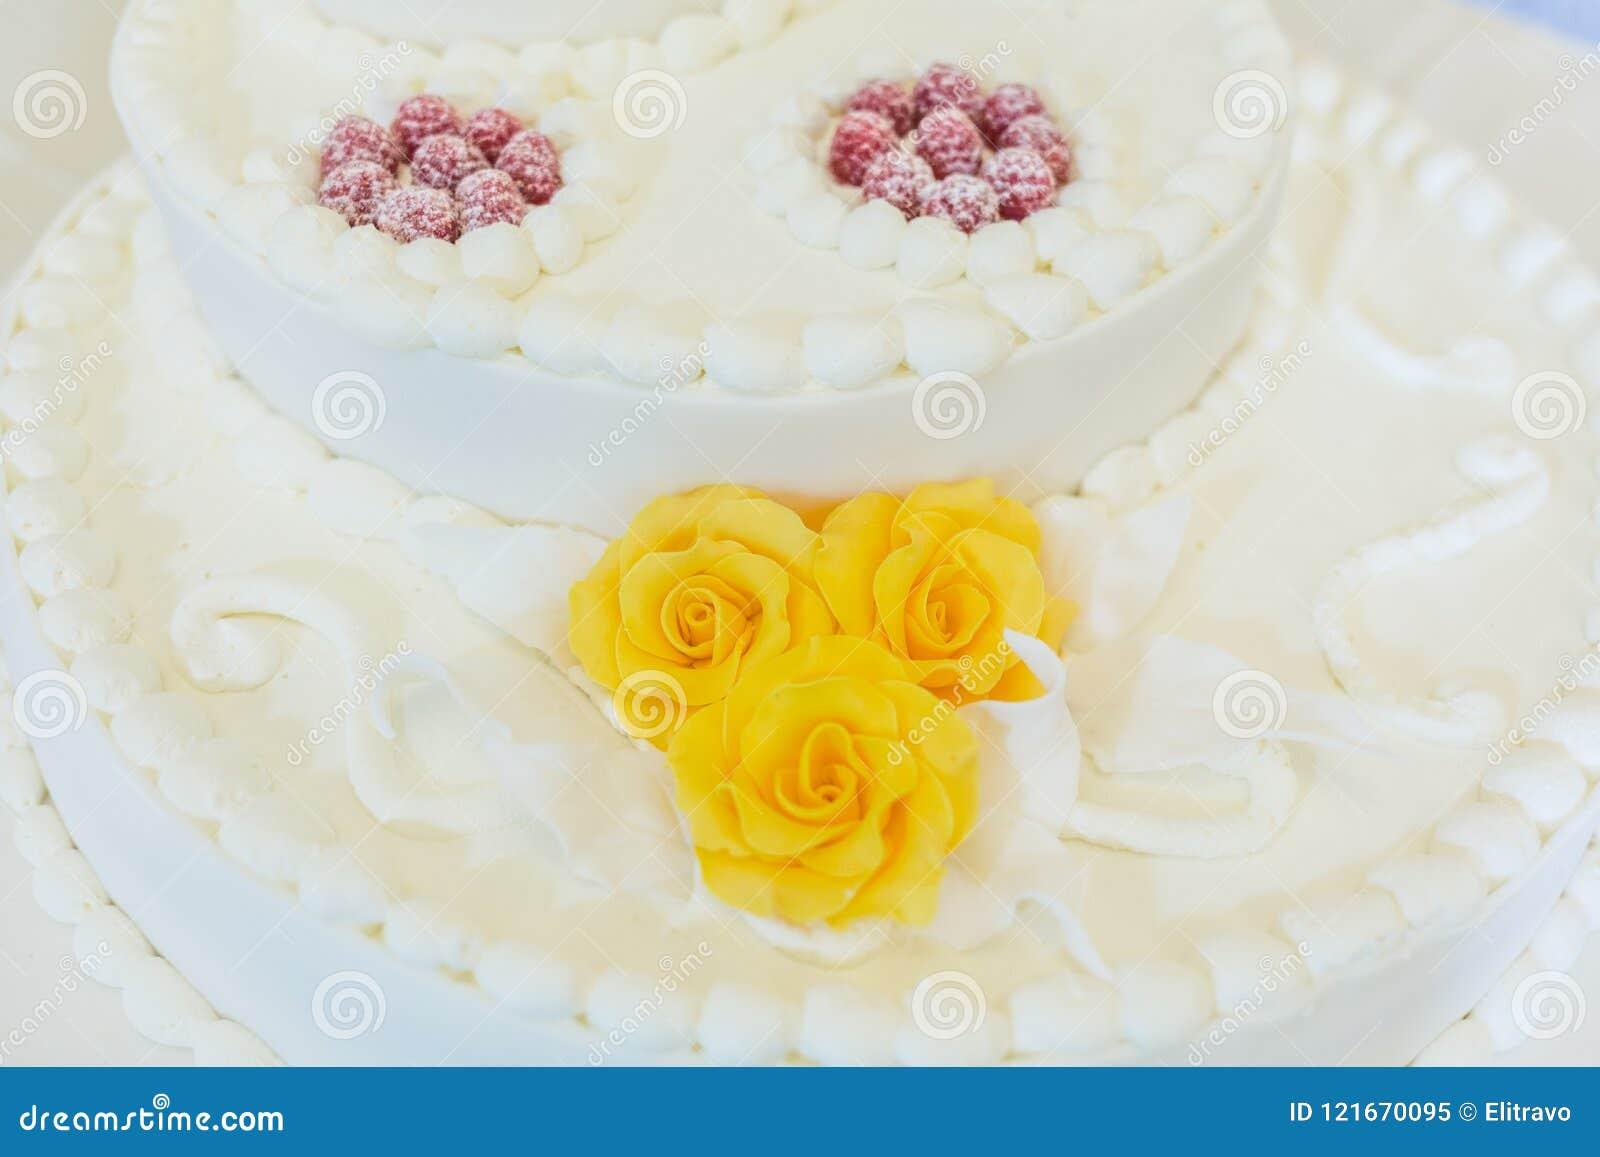 Sweet White Wedding Cake Outdoor Stock Image - Image of cakes ...